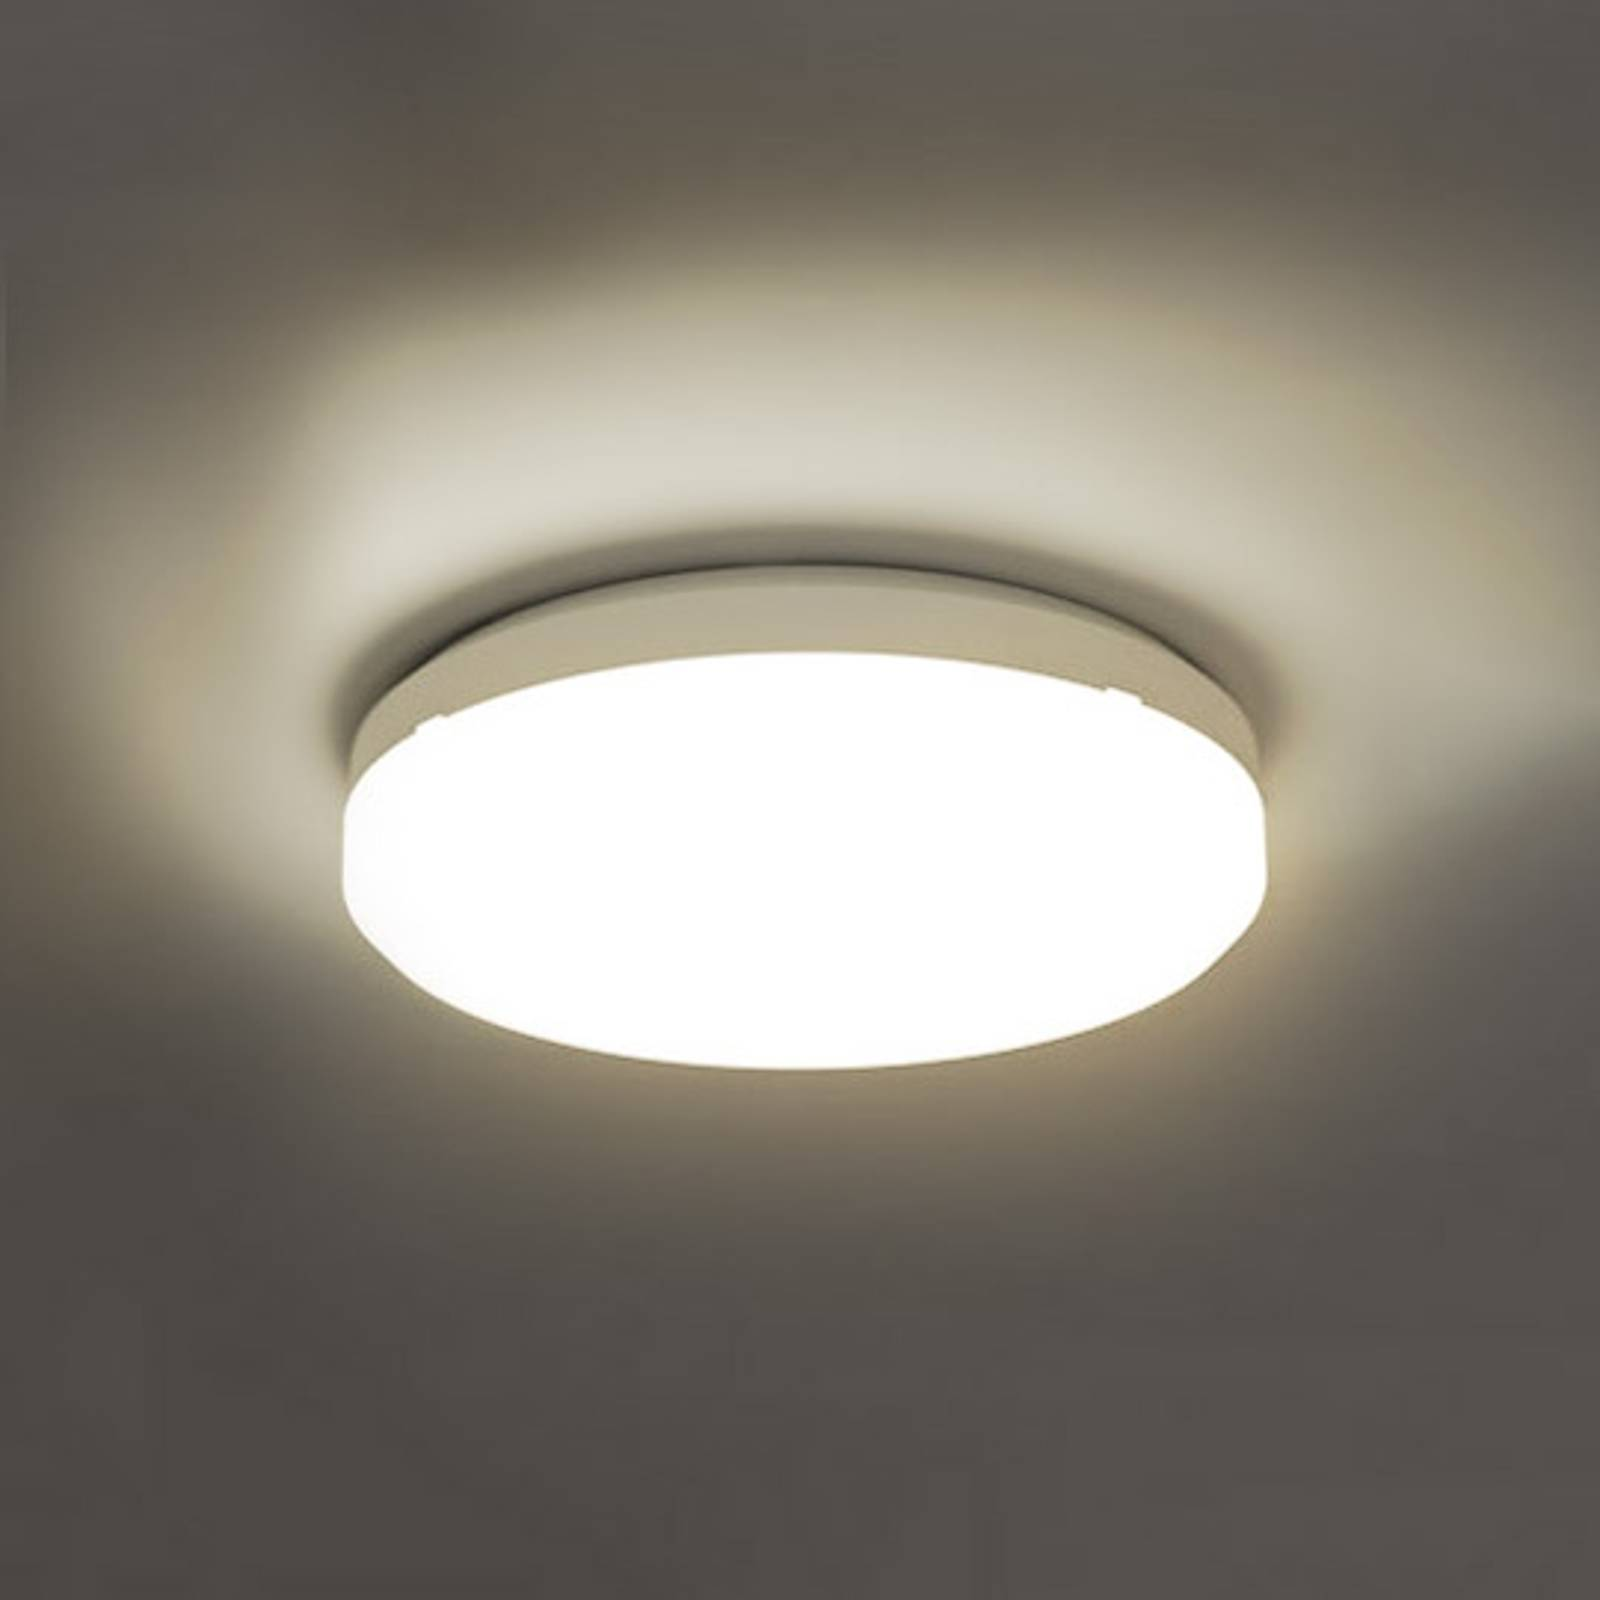 LED-kattovalaisin Sun 15 26W 3000K lämminvalkoinen